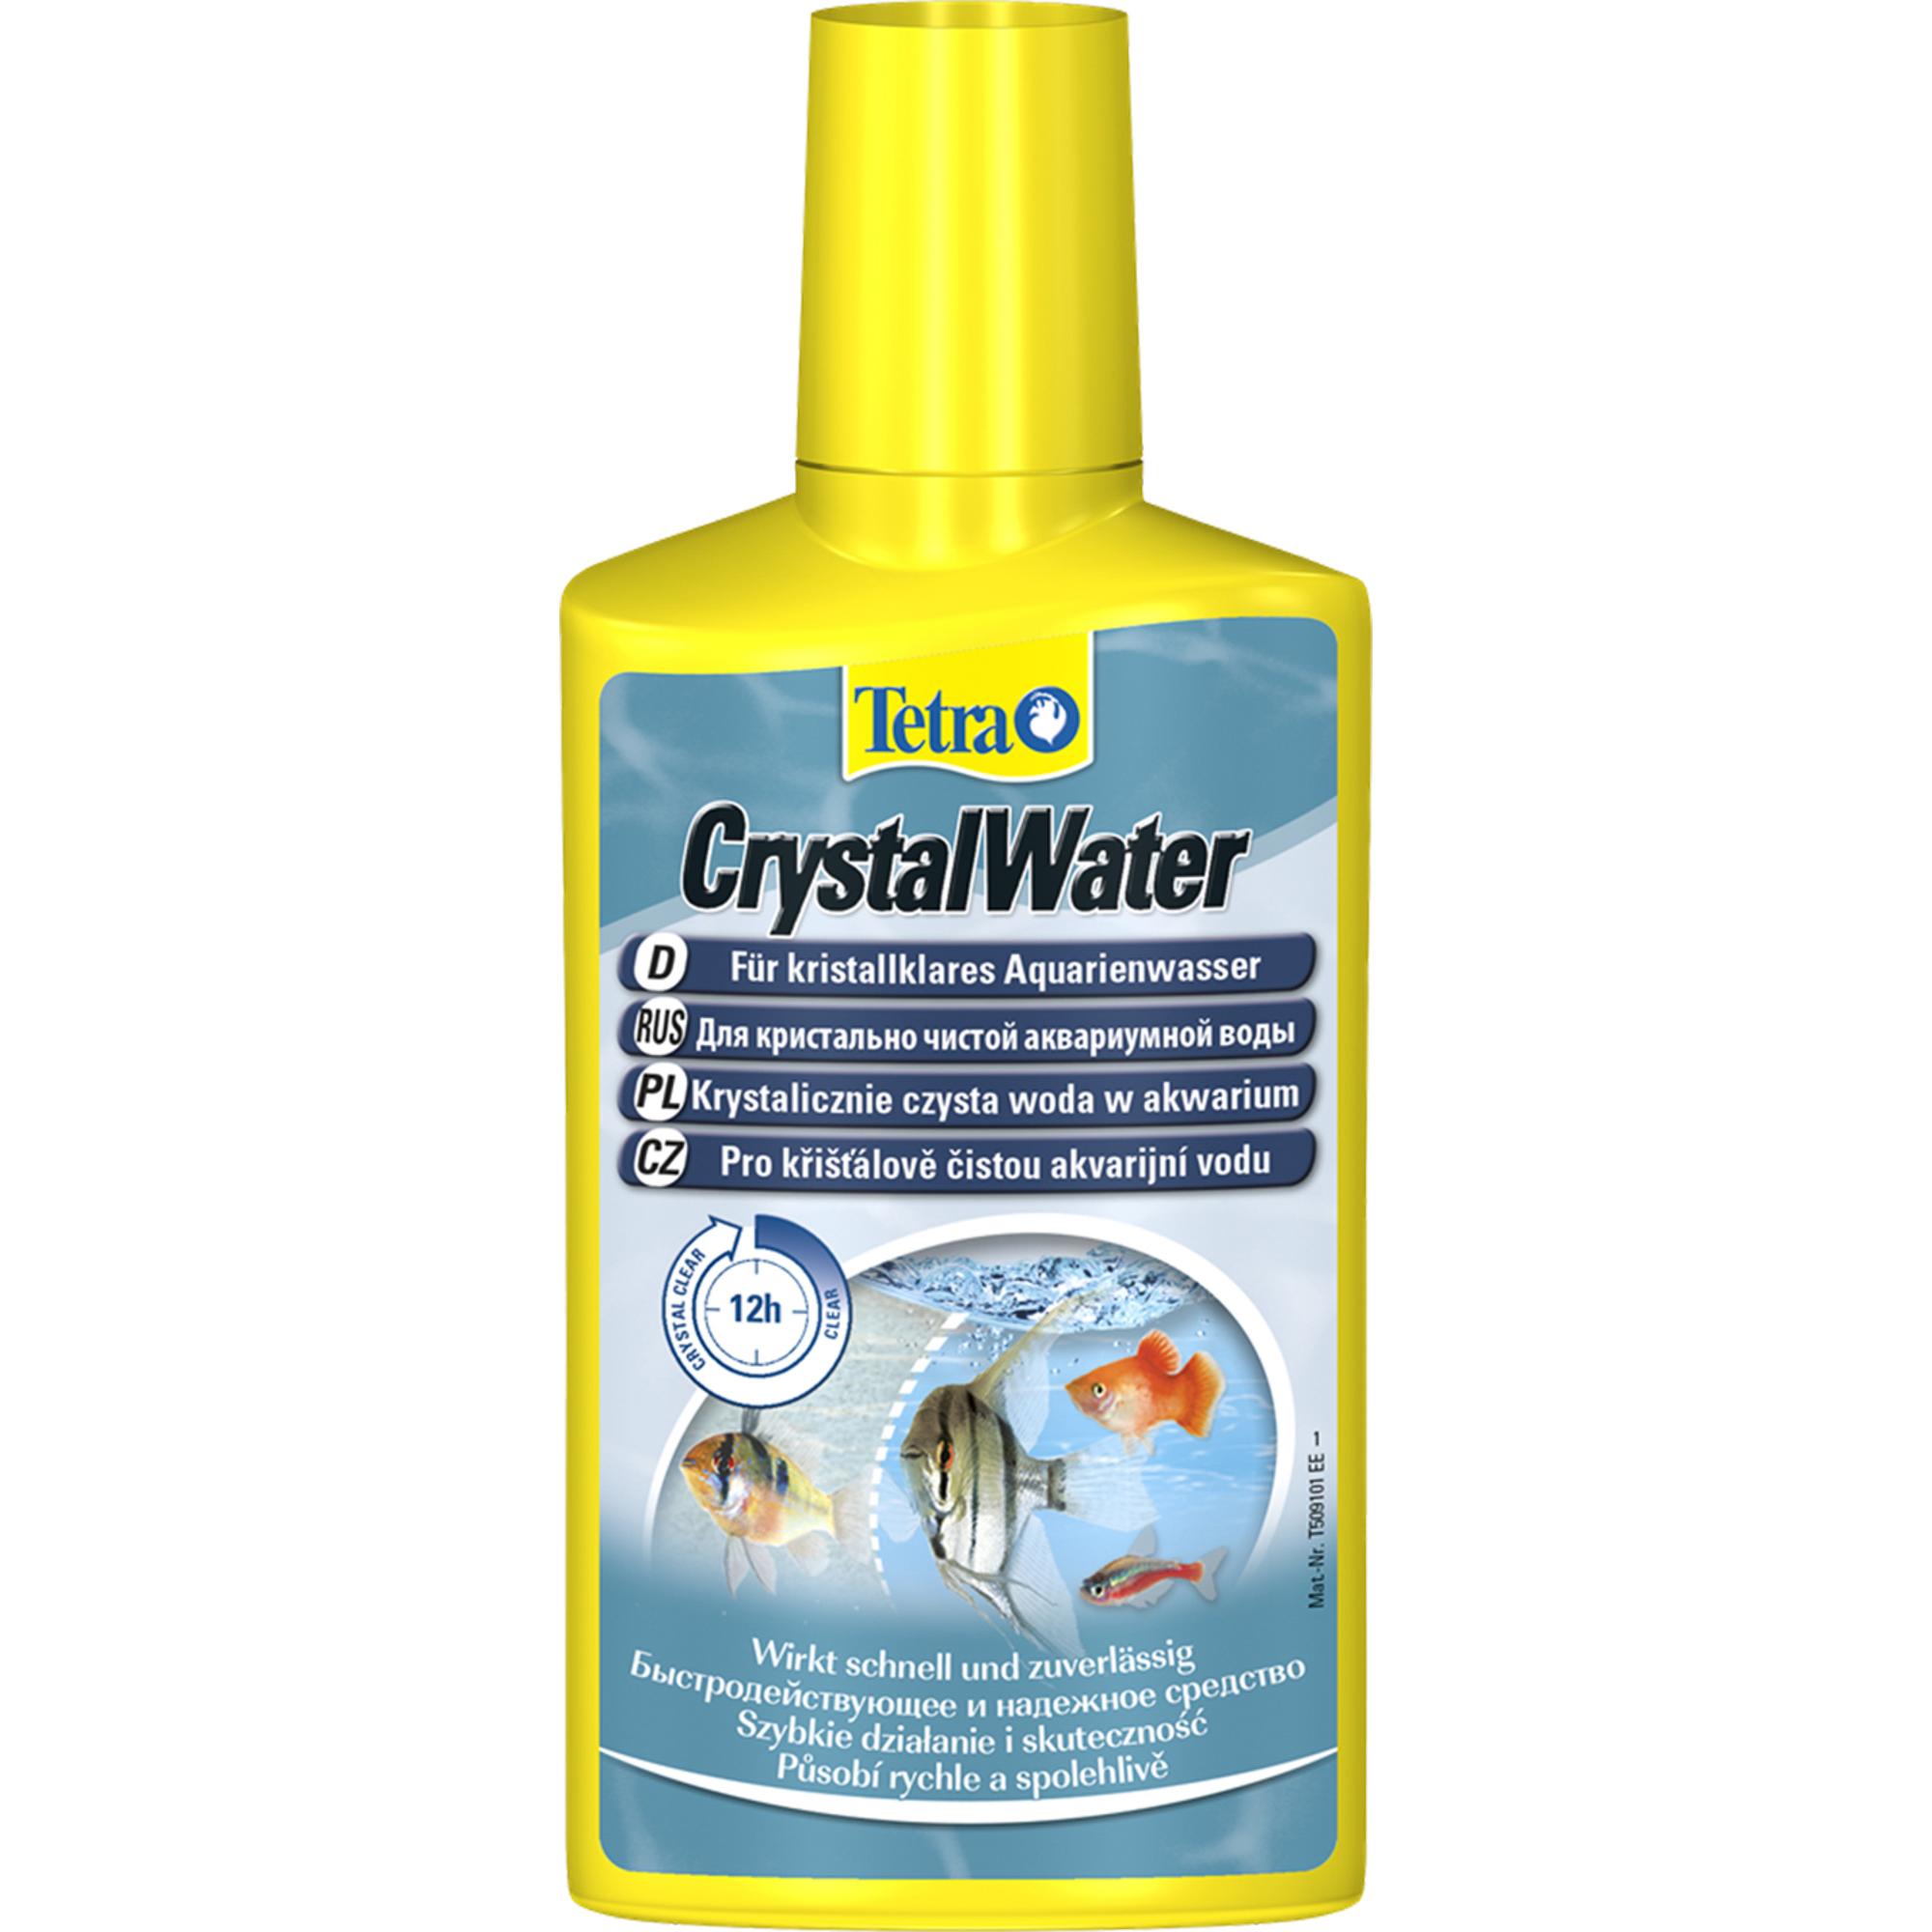 Фото - Кондиционер для очистки воды TETRA Crystal Water 250мл кондиционер tetra pond crystal water для очистки воды от мути в пруду 3л